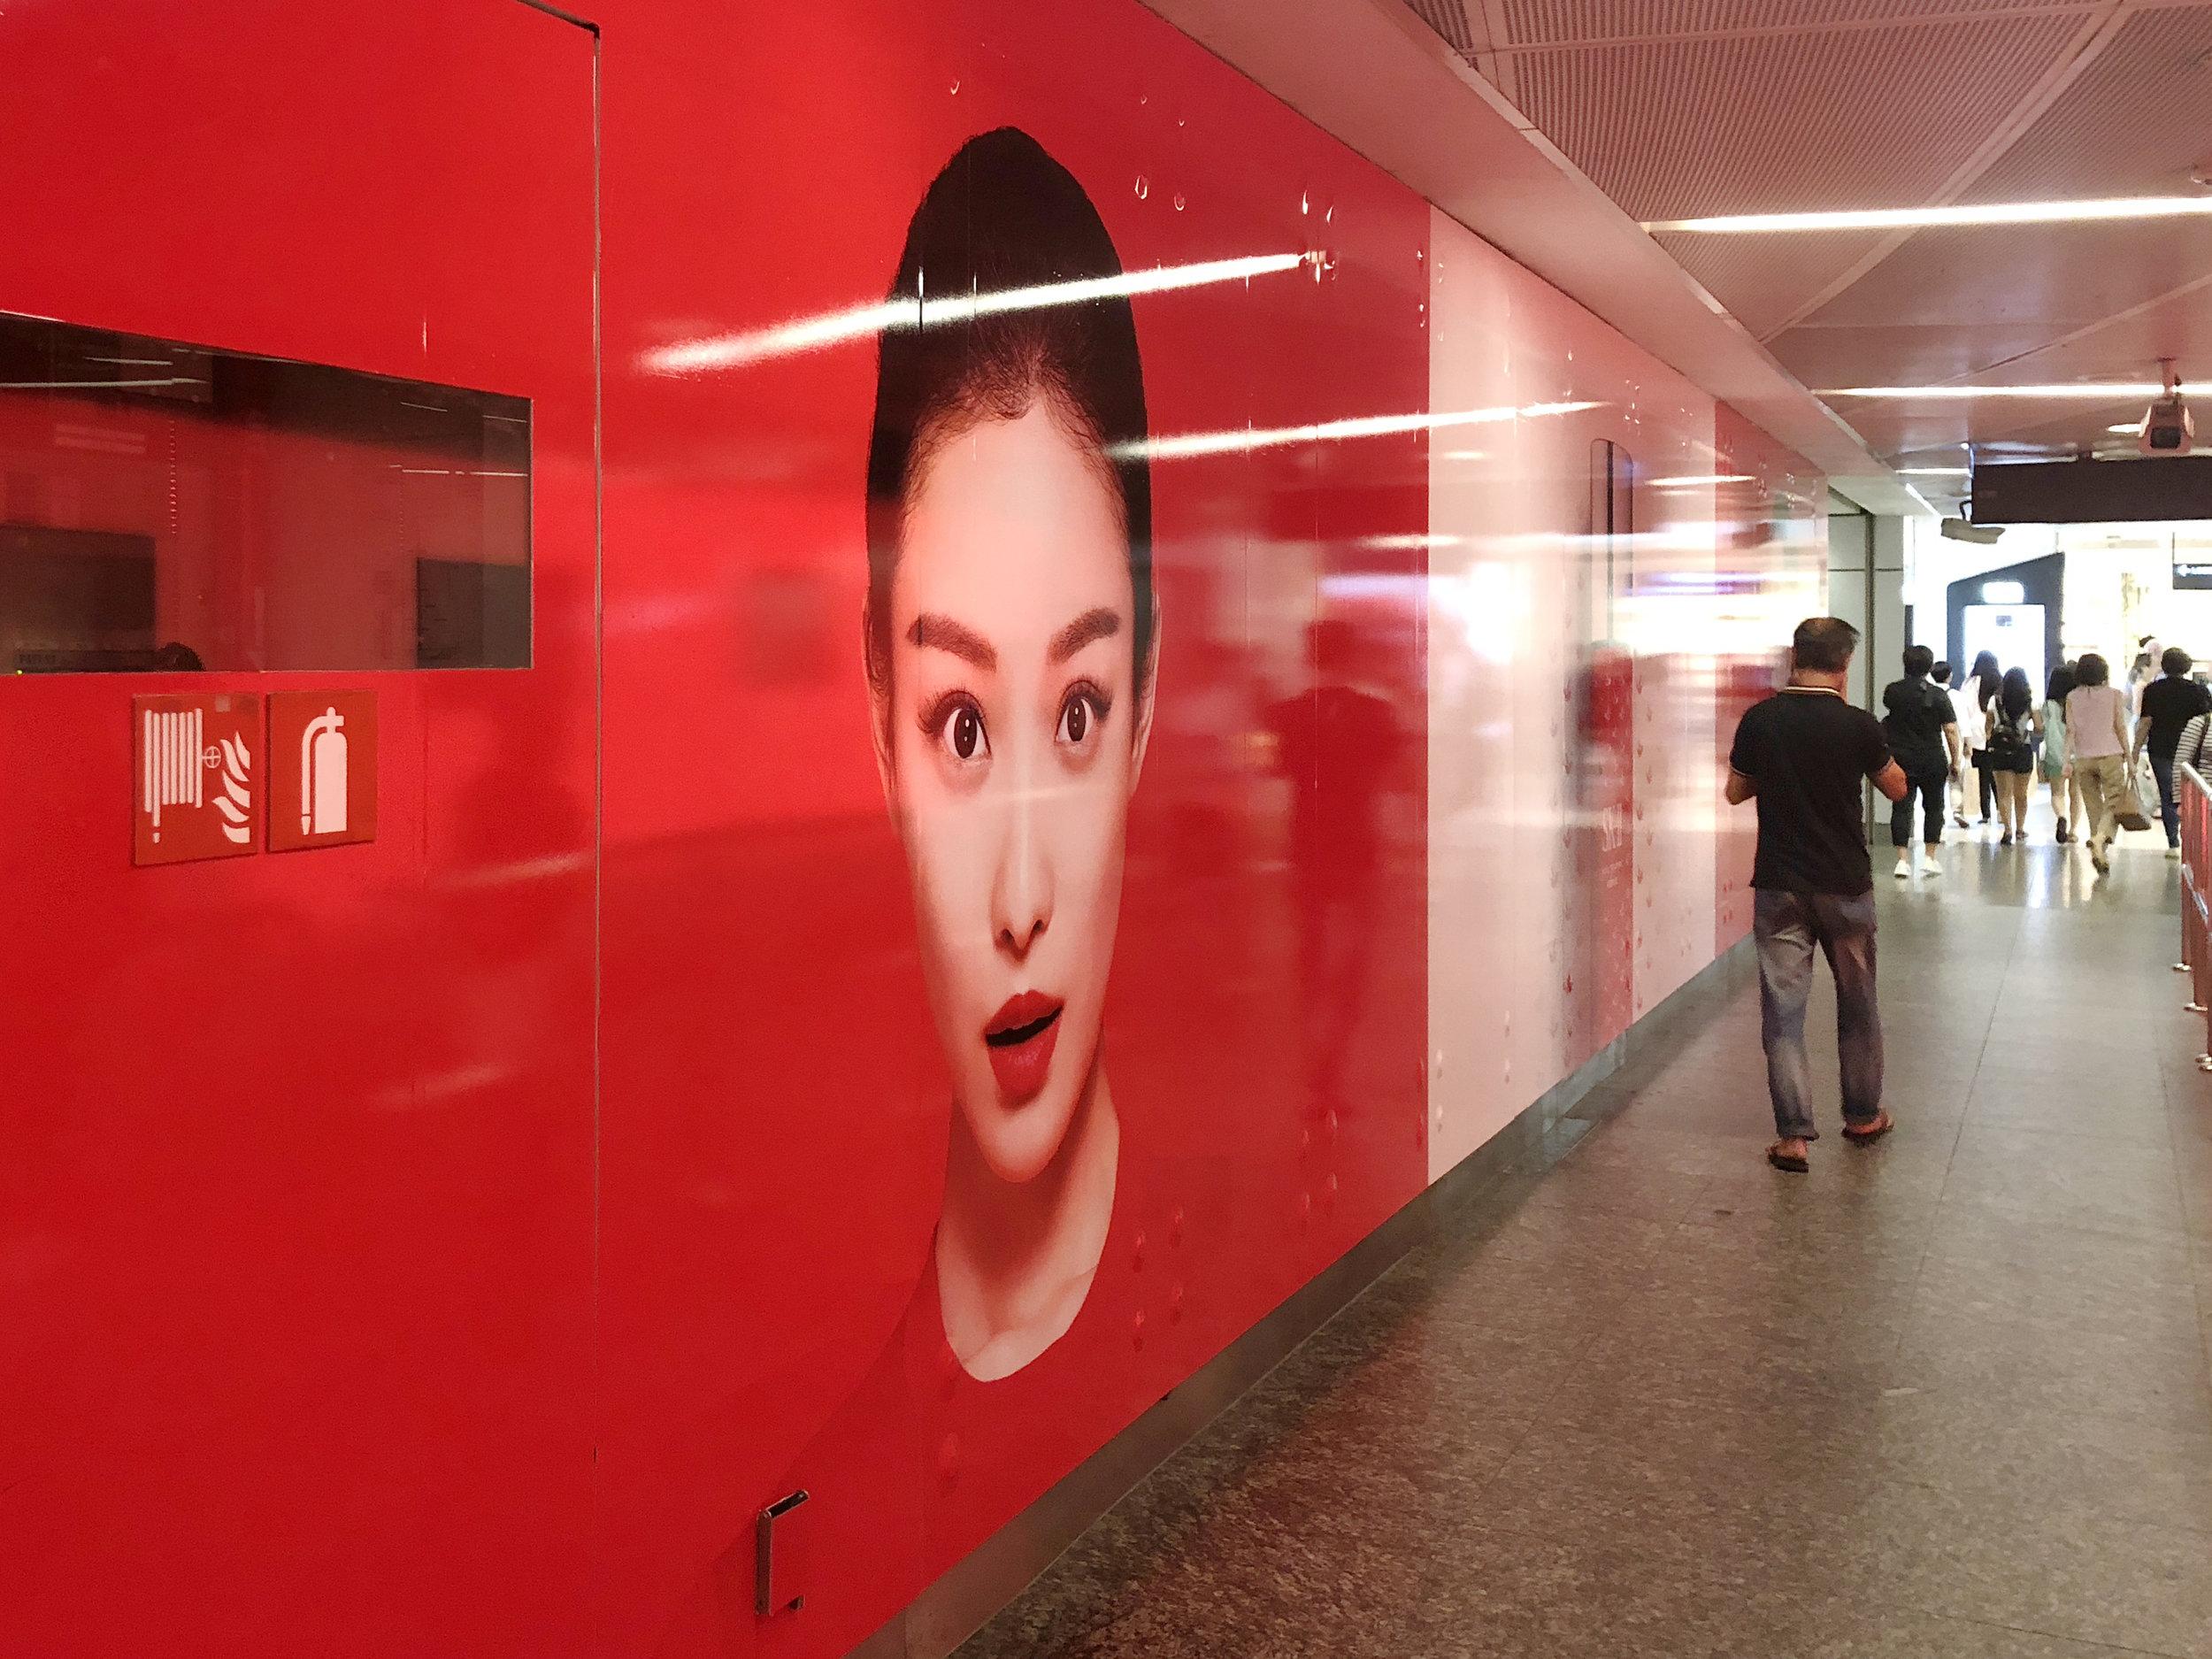 Singapore Orchard MRT Station